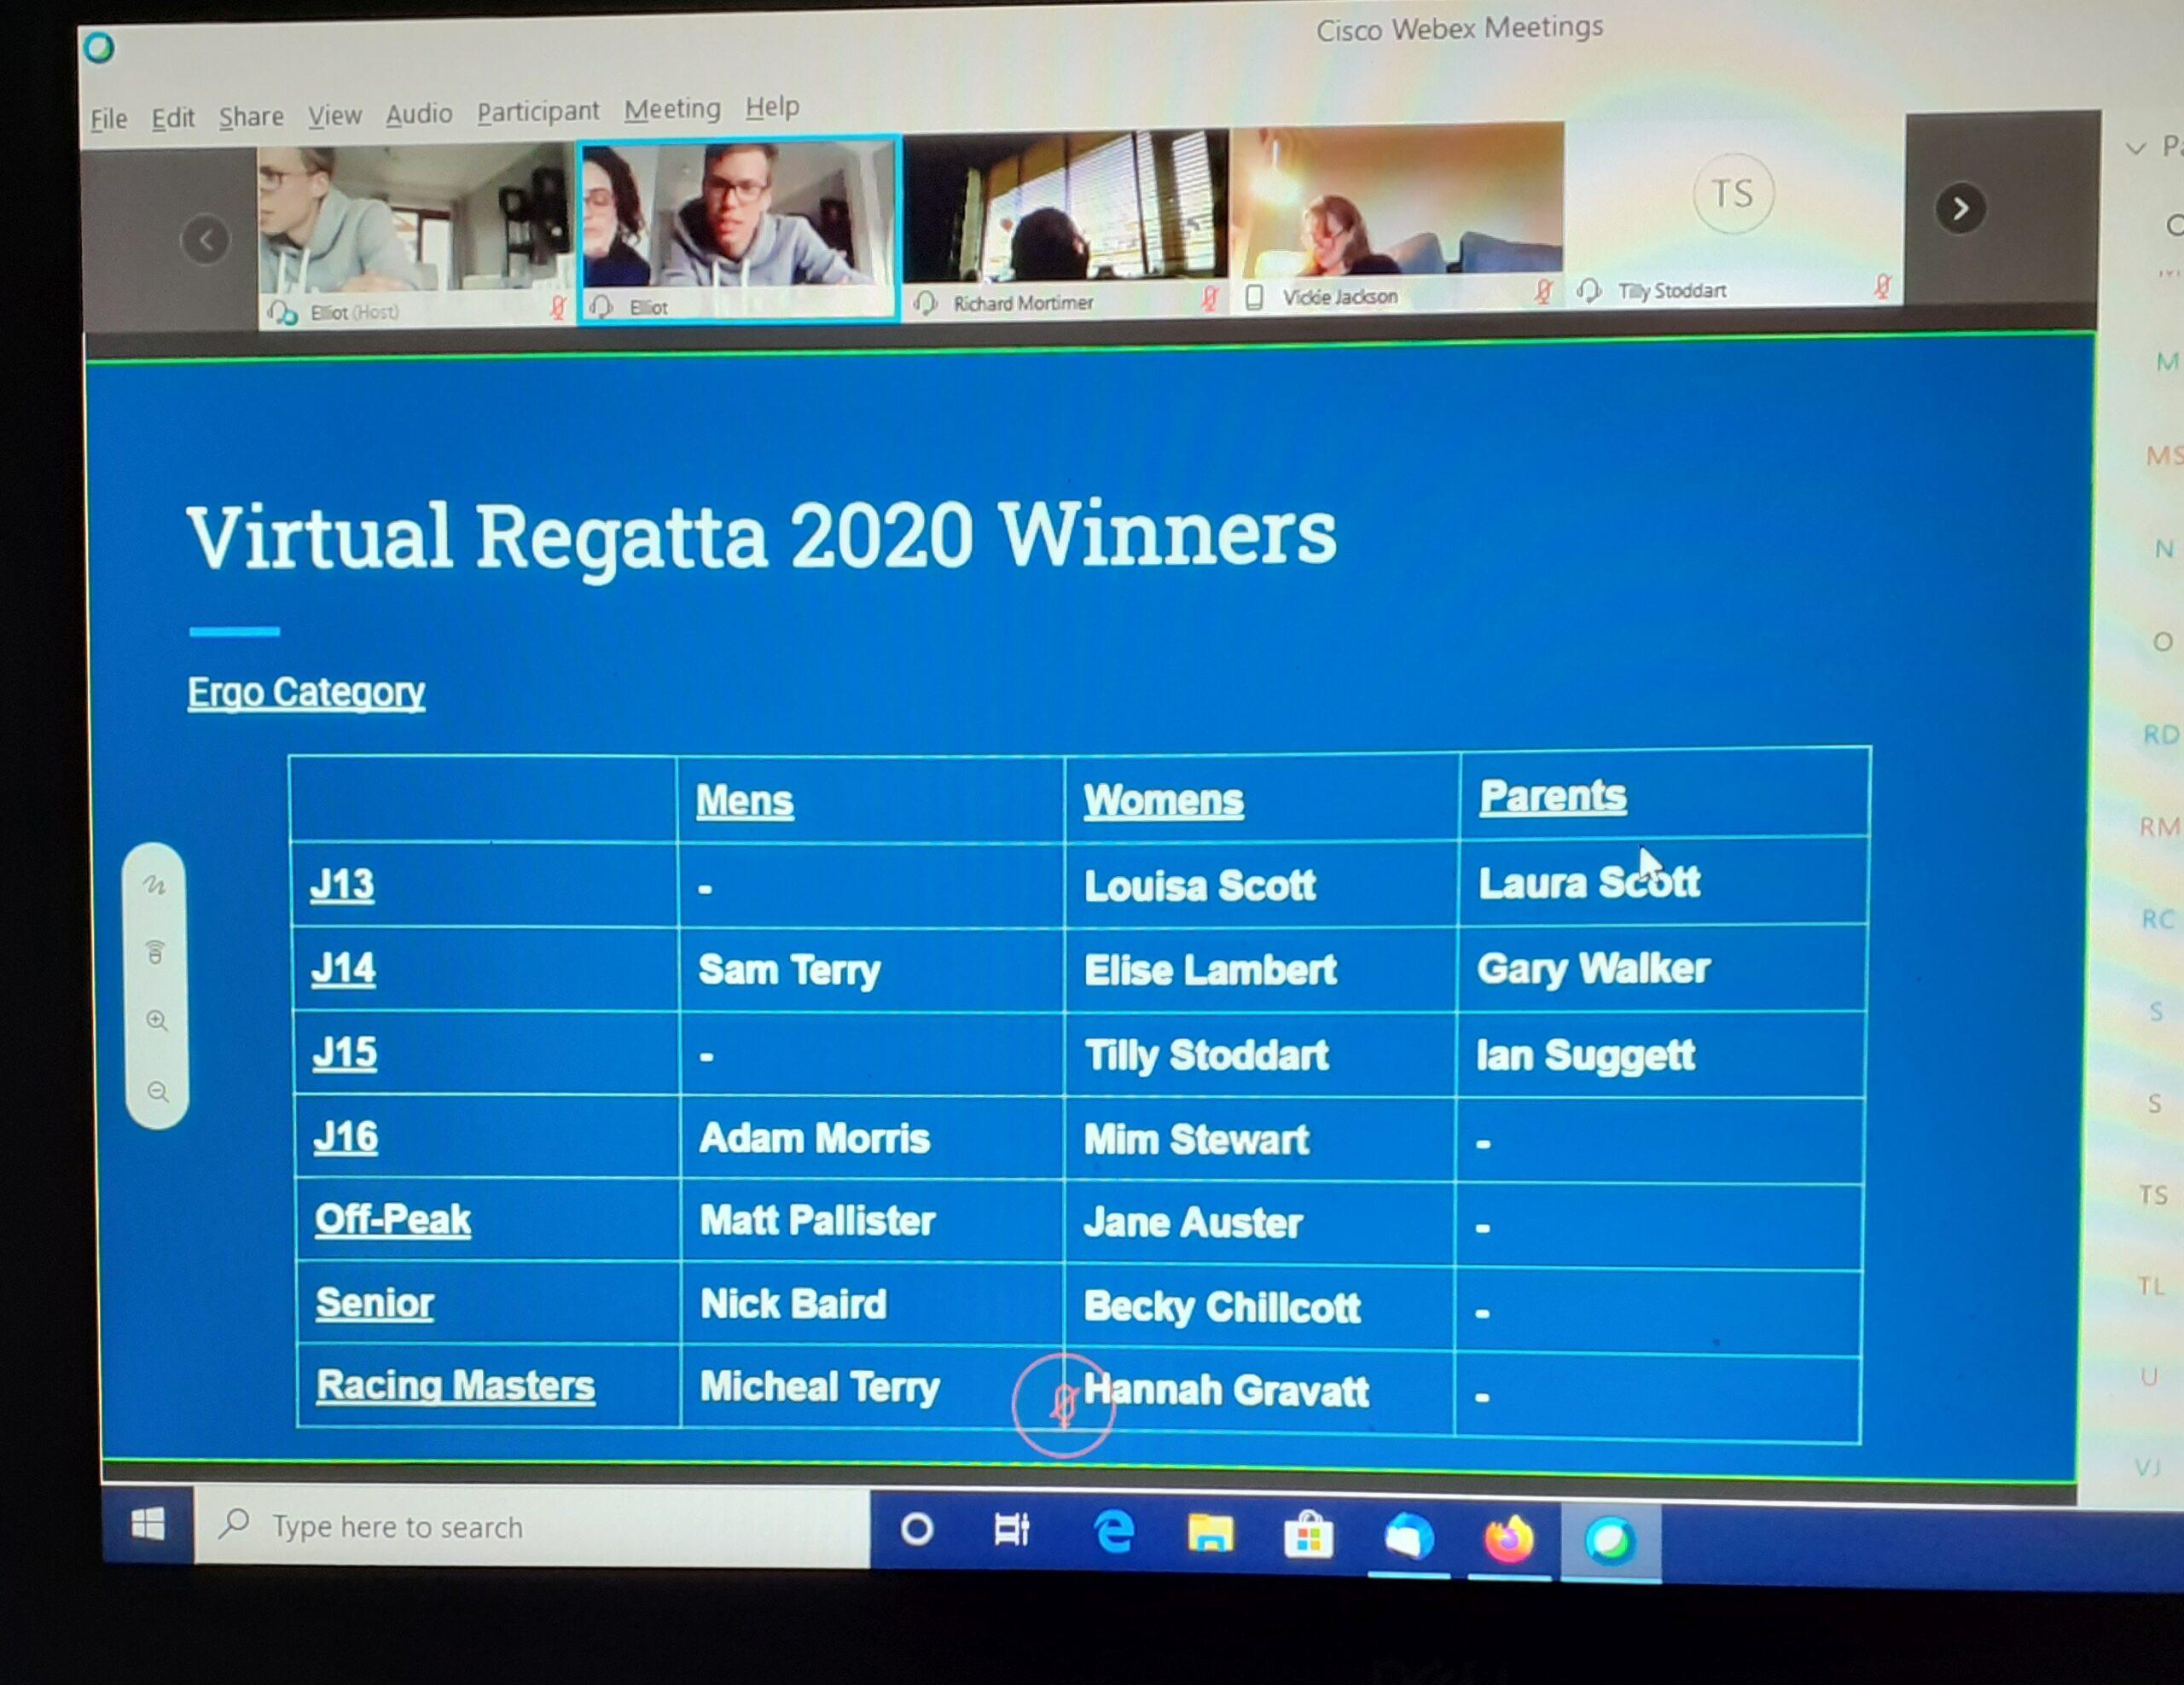 Virtual Regatta results 2020